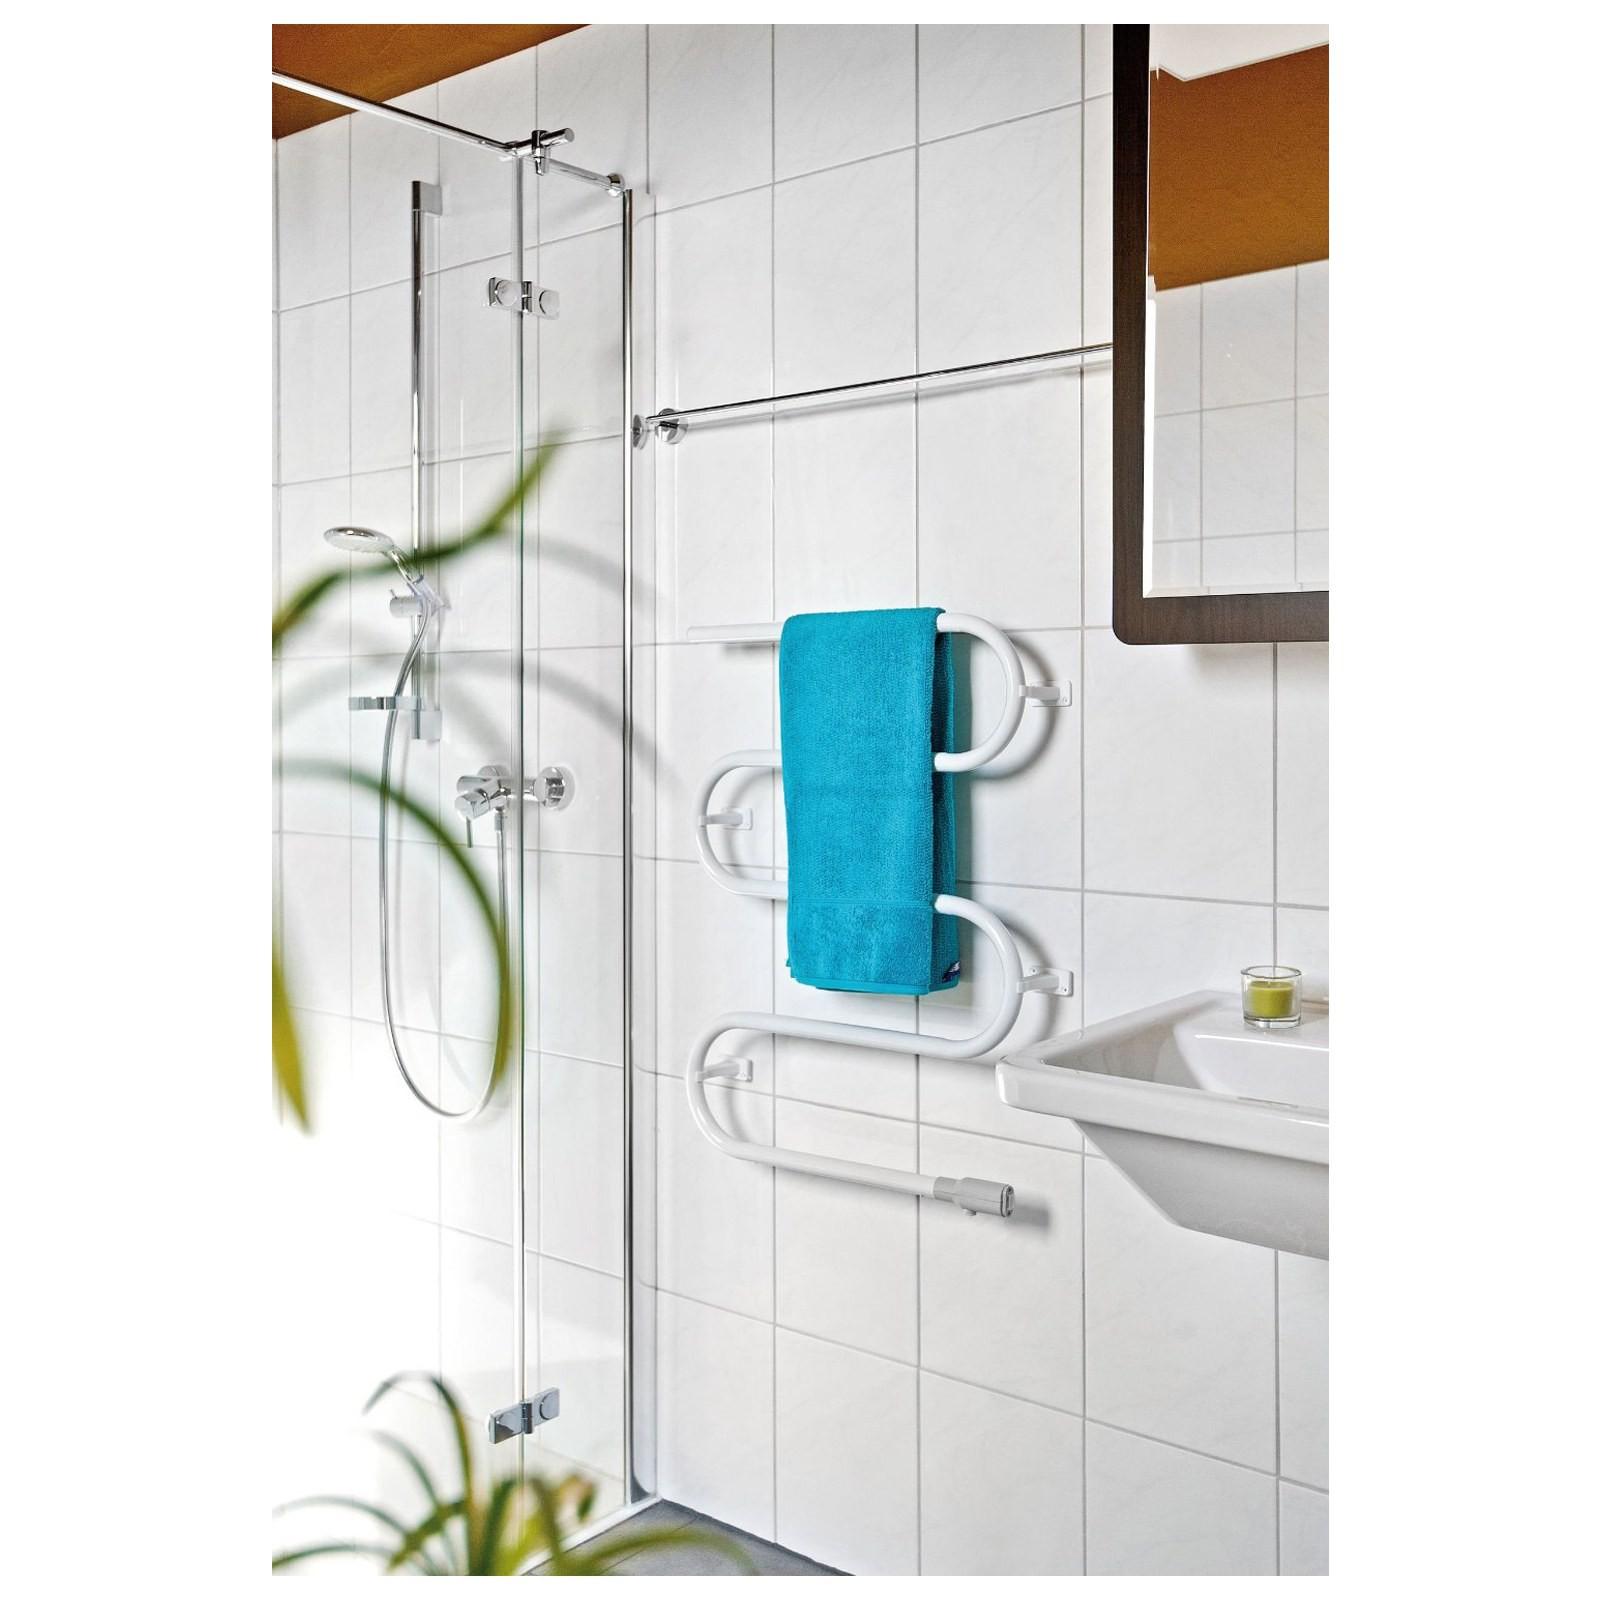 Termoarredo scaldasalviette radiatore elettrico portasciugamani da bagno bianco area illumina - Tovaglie da bagno ...